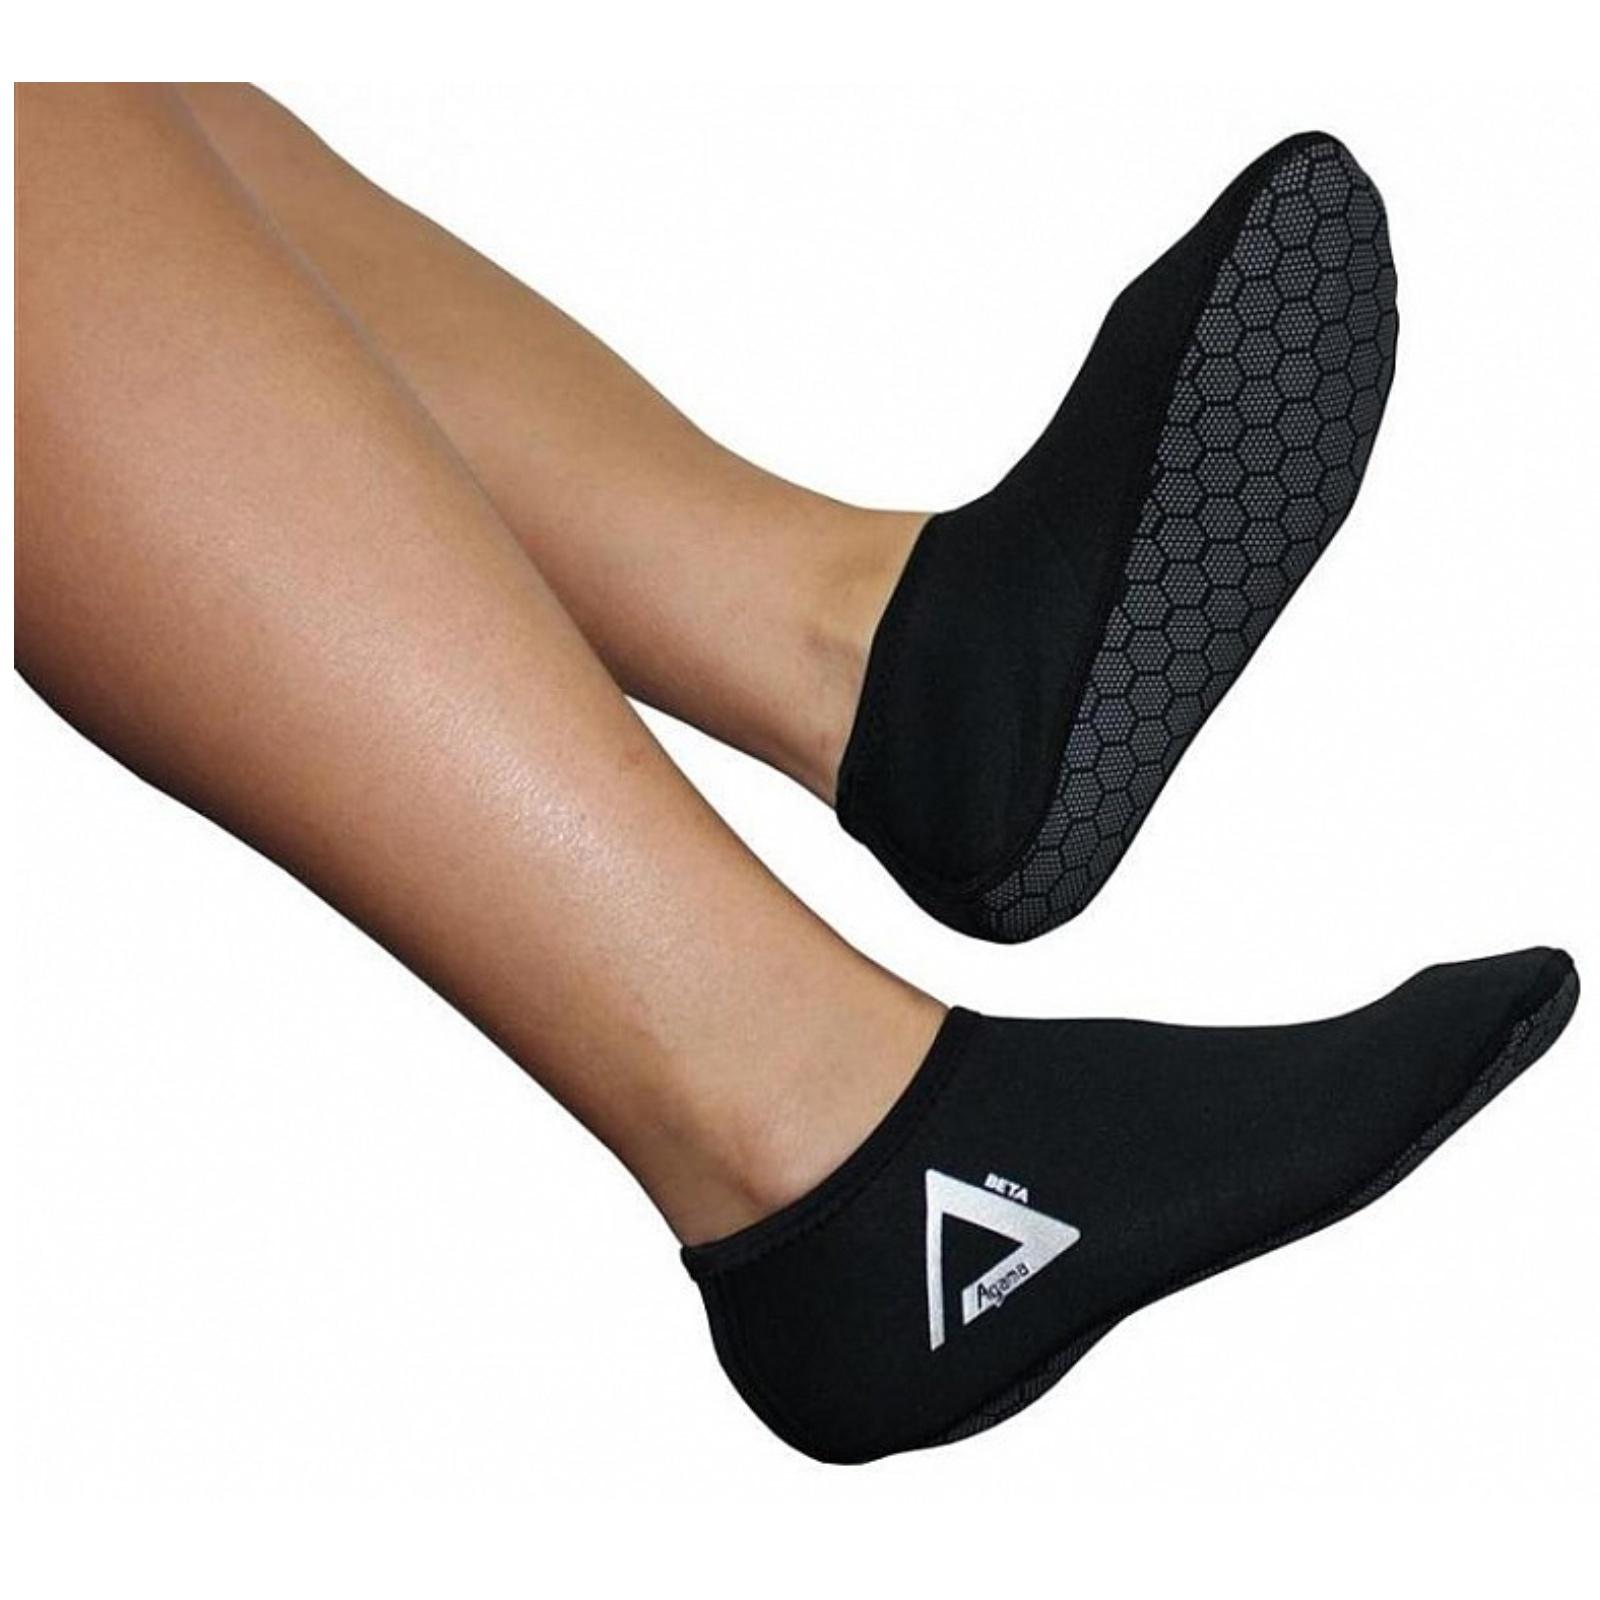 Neoprenové ponožky AGAMA Beta 1,5 mm - vel. 40-41